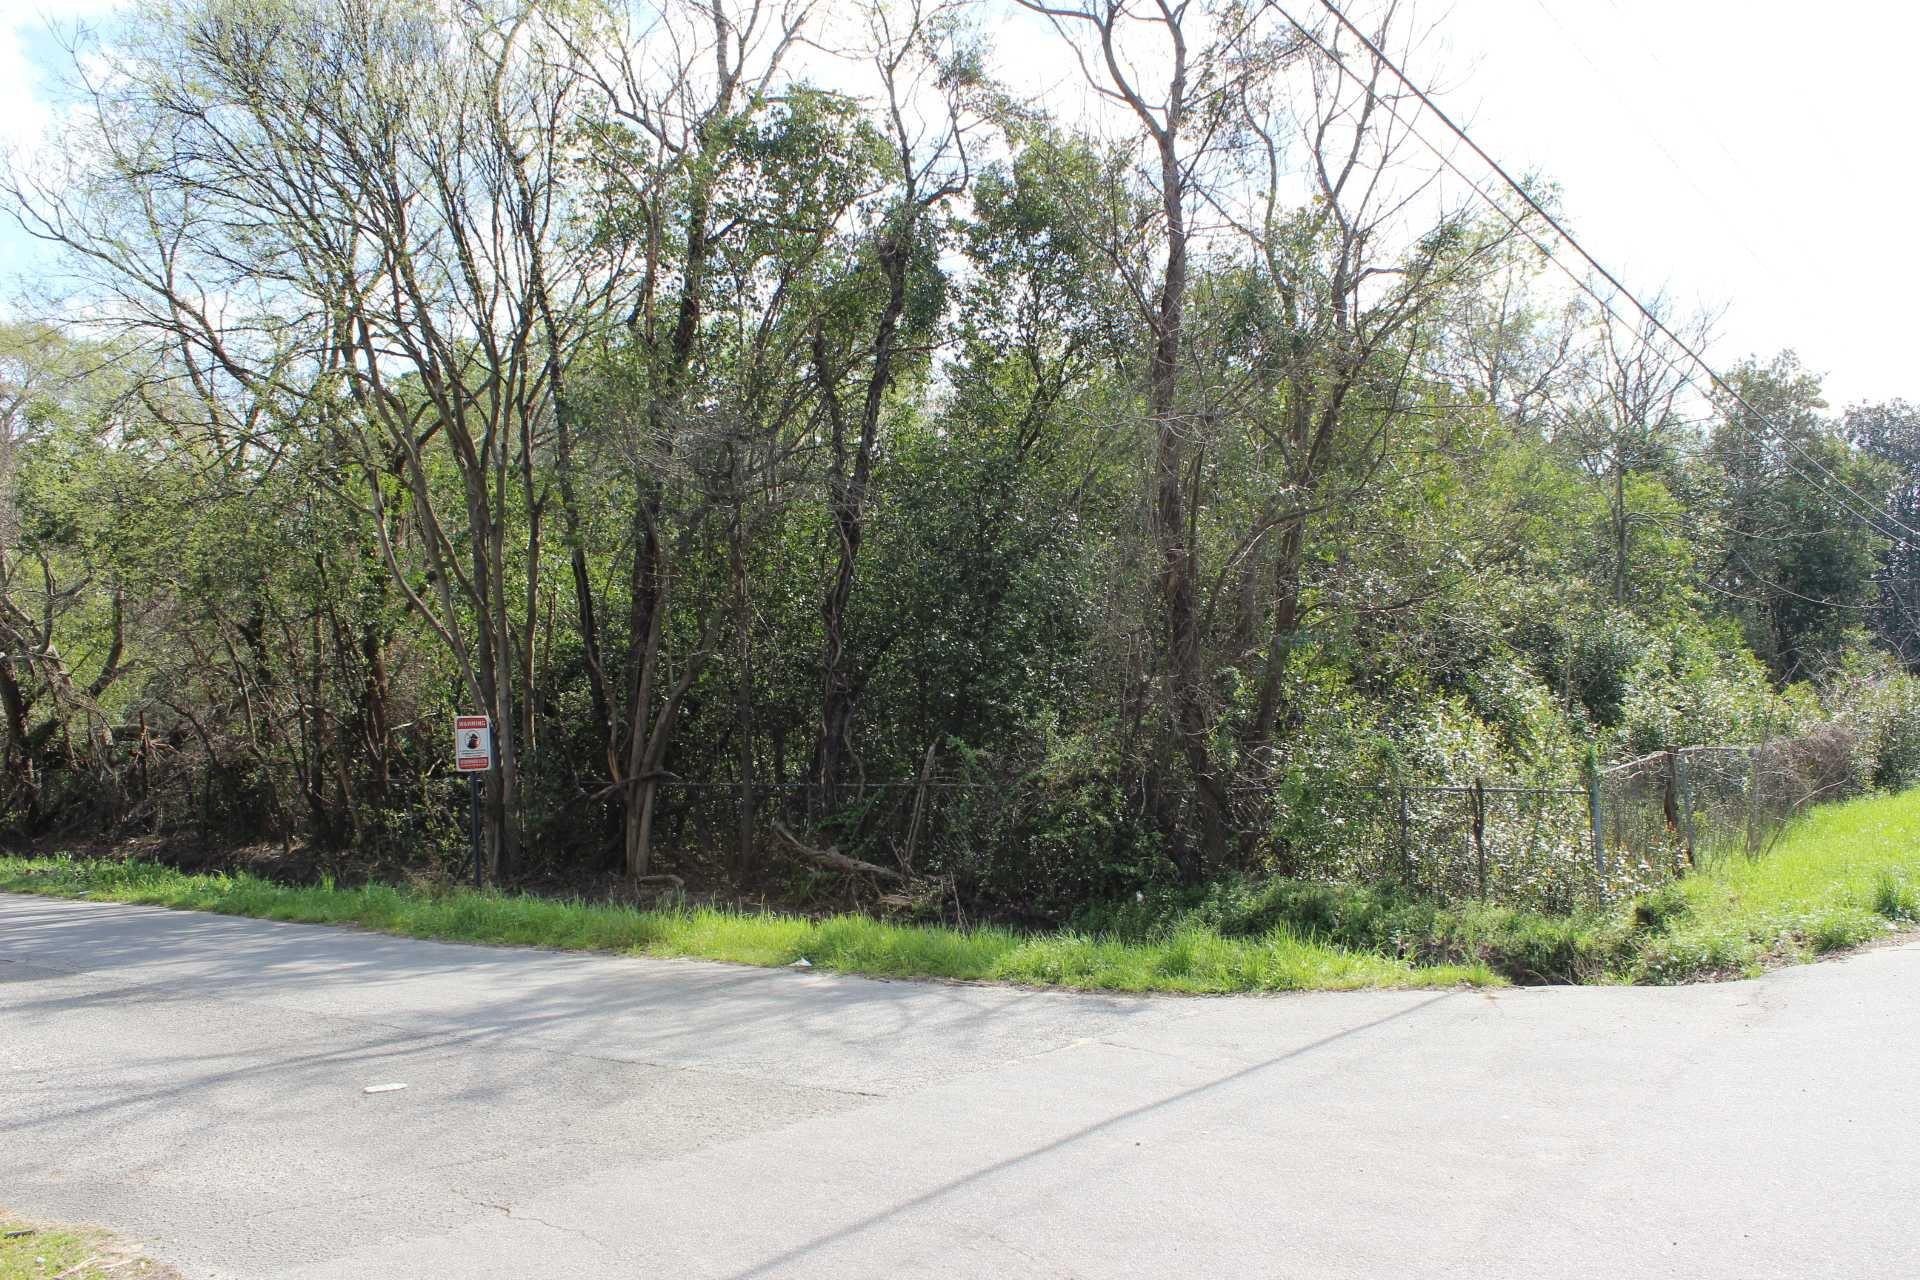 Hemlock Cayce, SC 29033